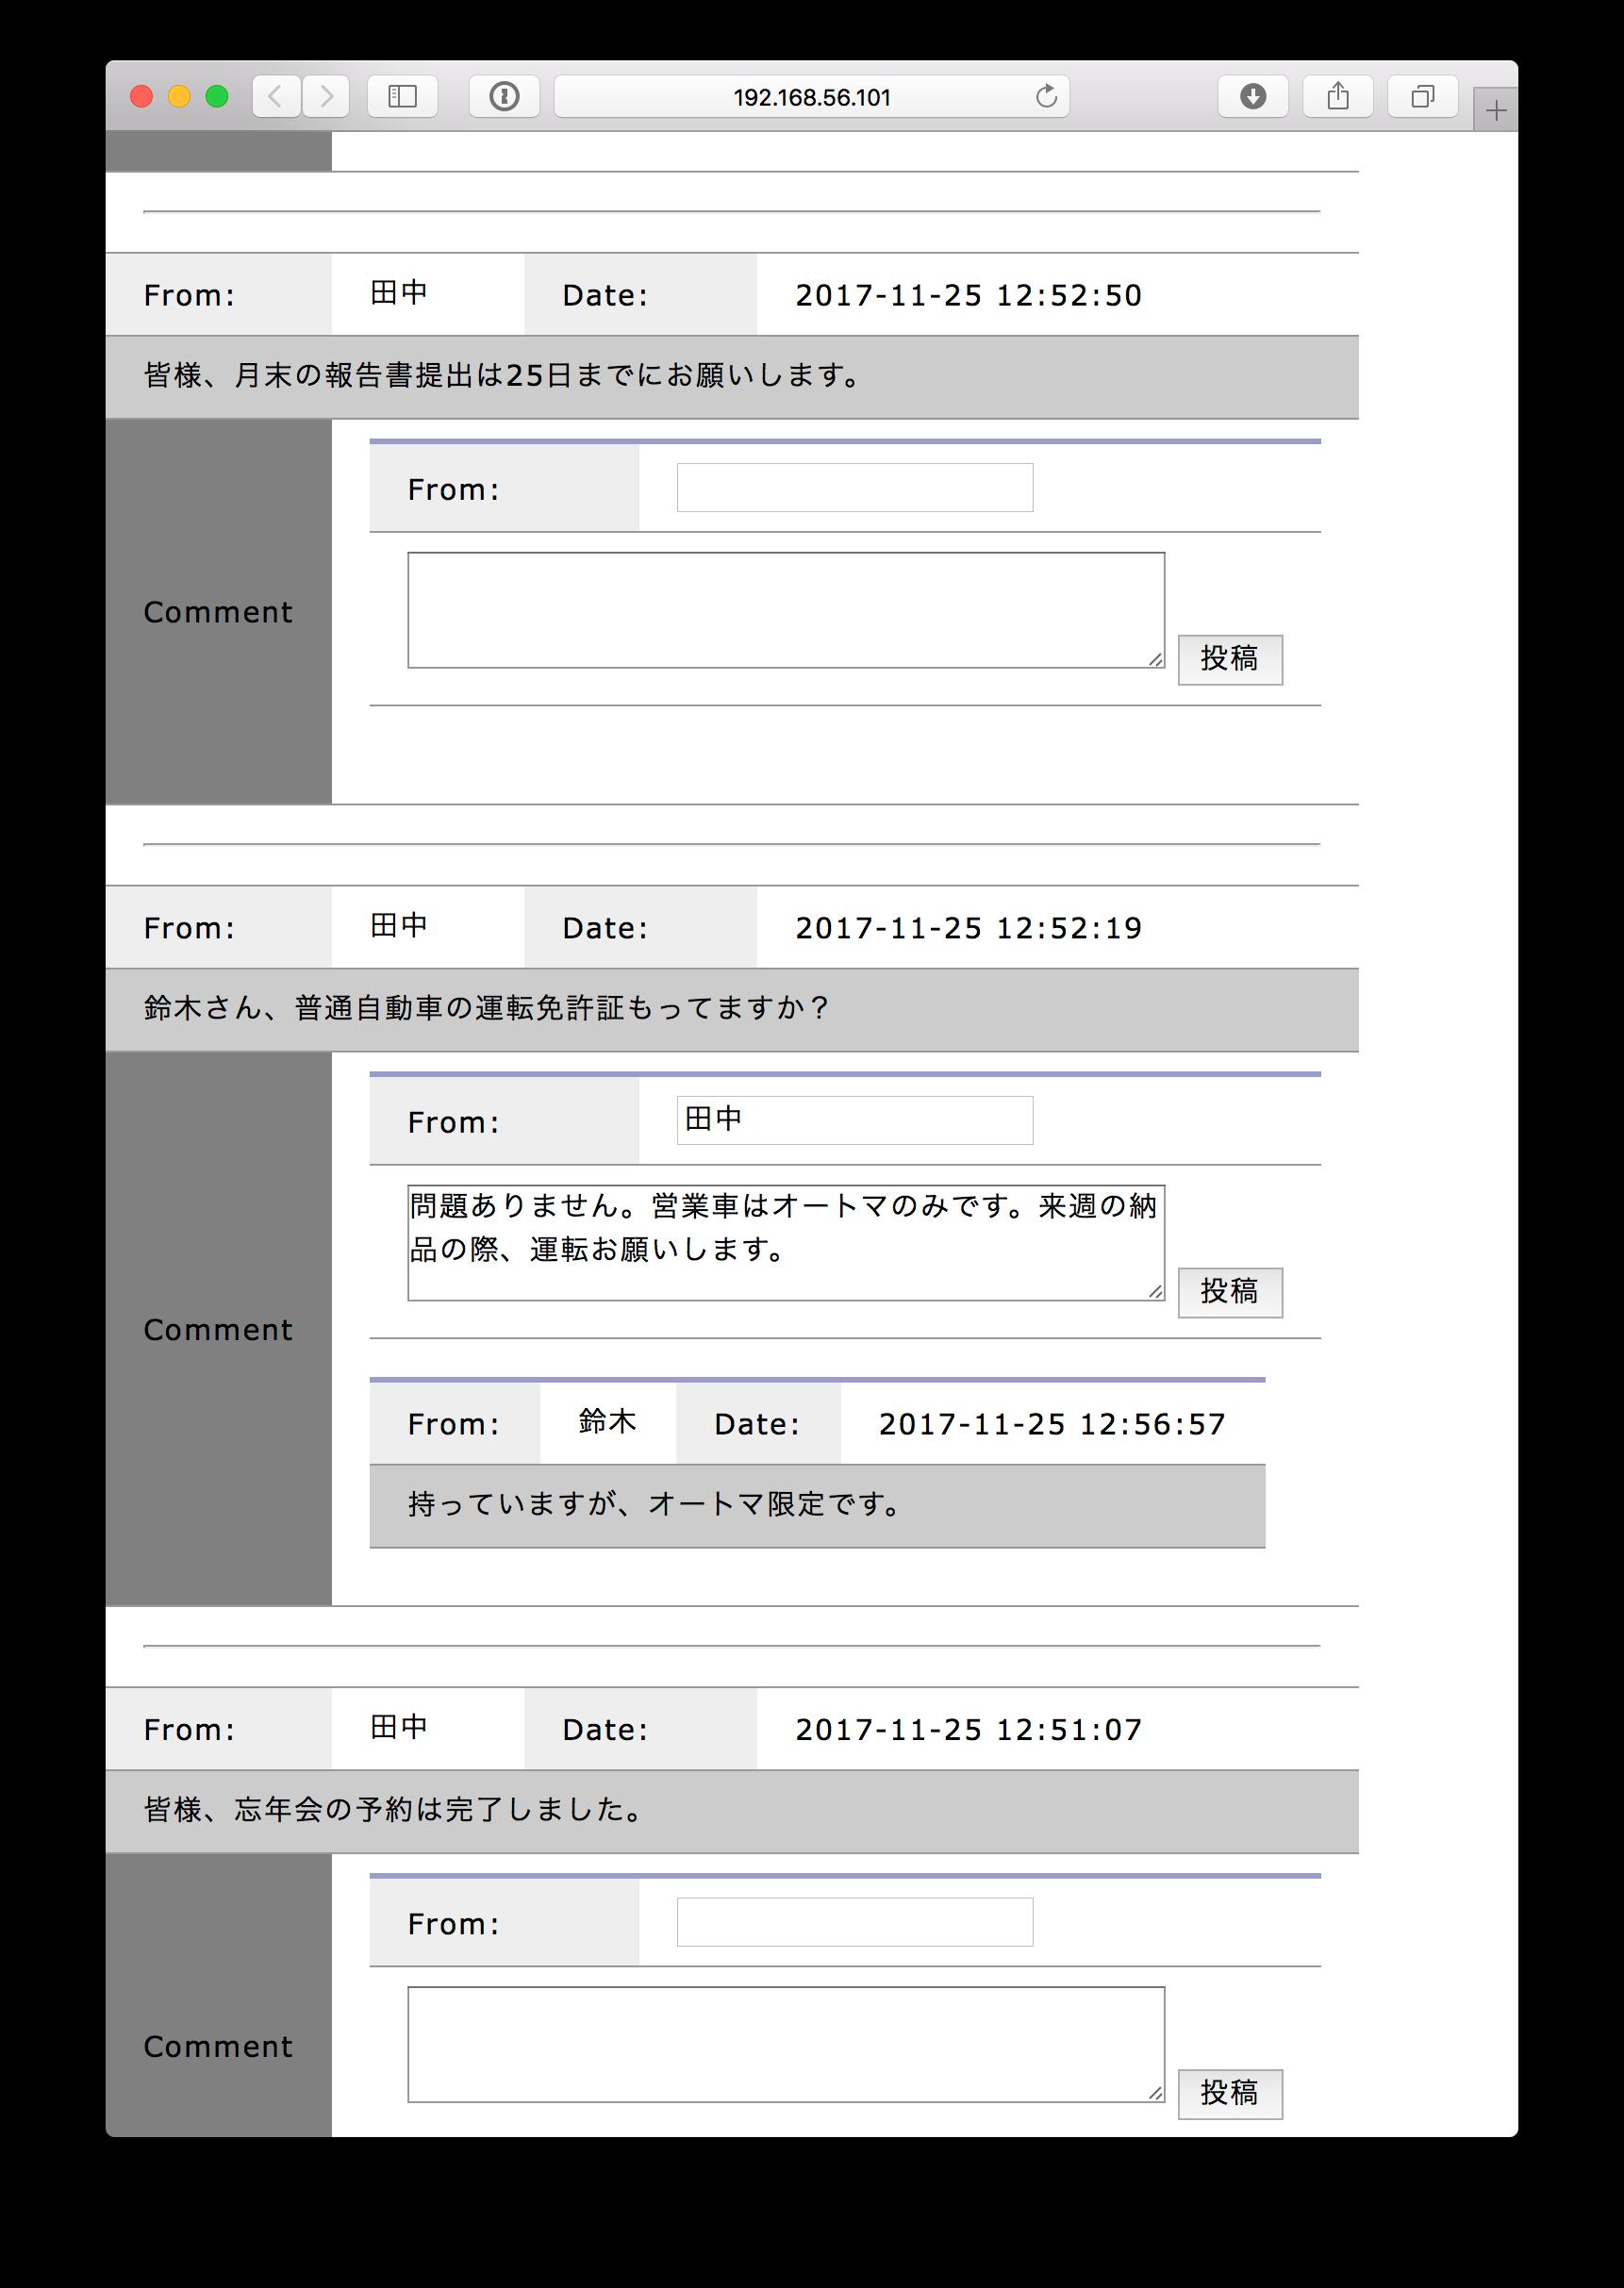 スクリーンショット 2017-11-25 12.57.27.png